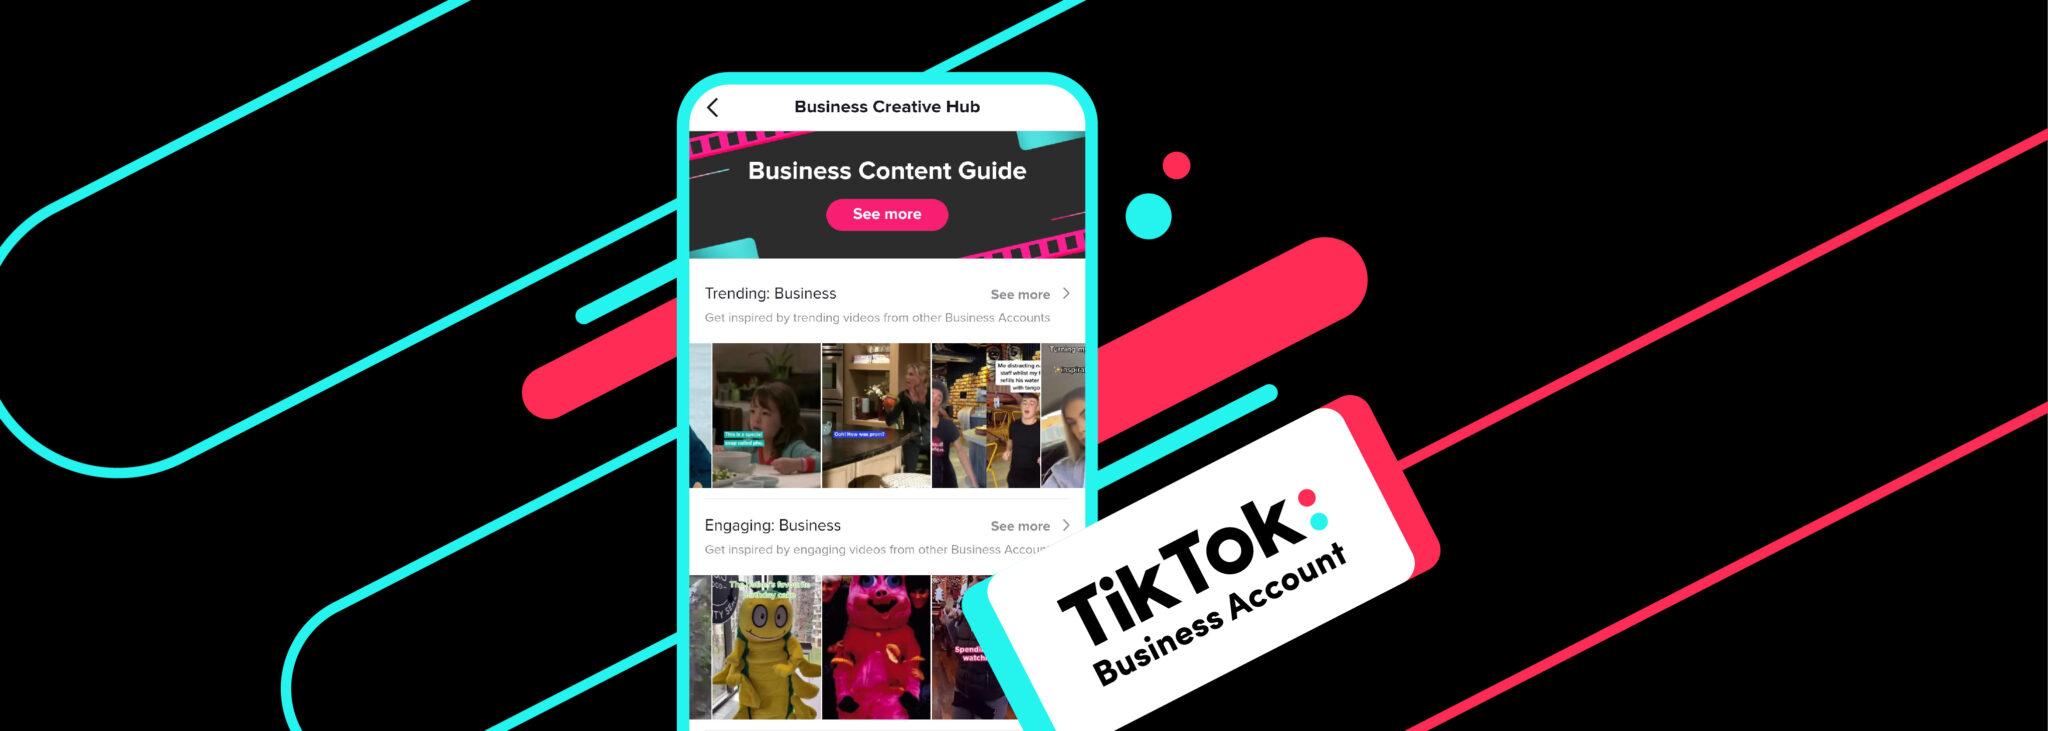 TikTok lansează Business Creative Hub – o resursă de nelipsit pentru branduri